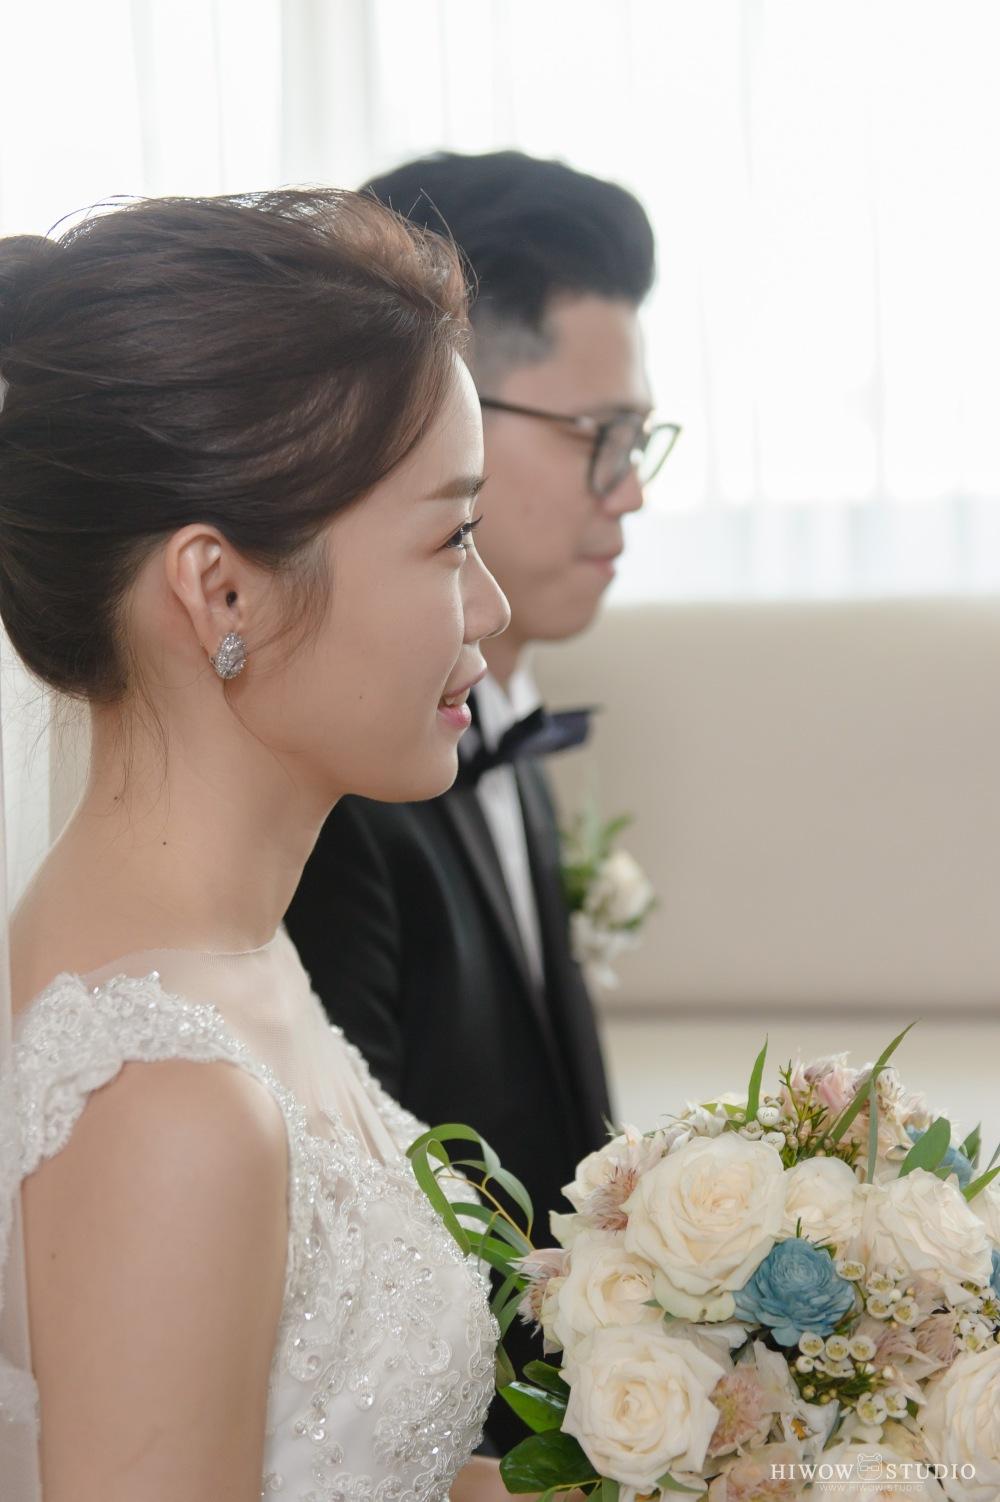 婚禮紀錄.世貿三三.海蛙攝影 (19)